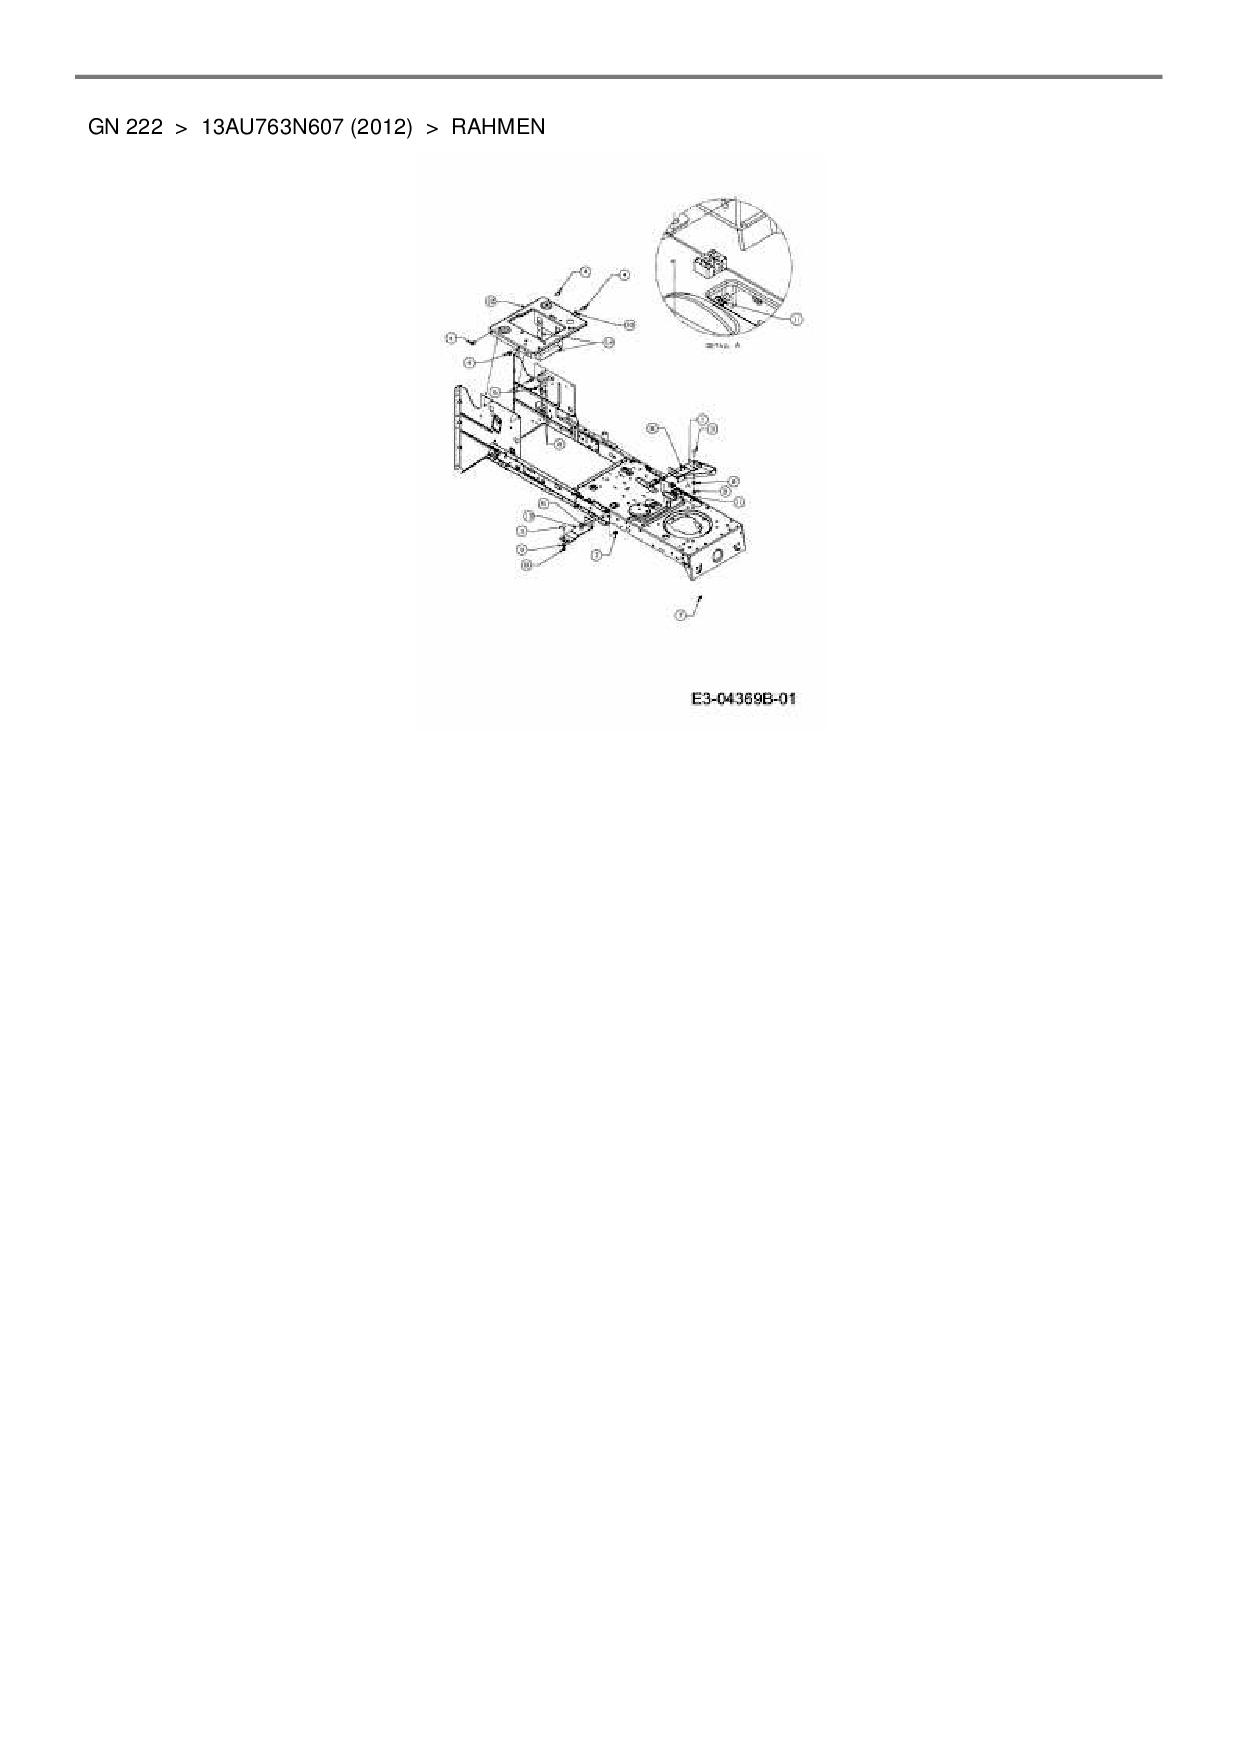 Ersatzteile von Blisar Rasentraktor GN 222 aus der Zeichnung Rahmen